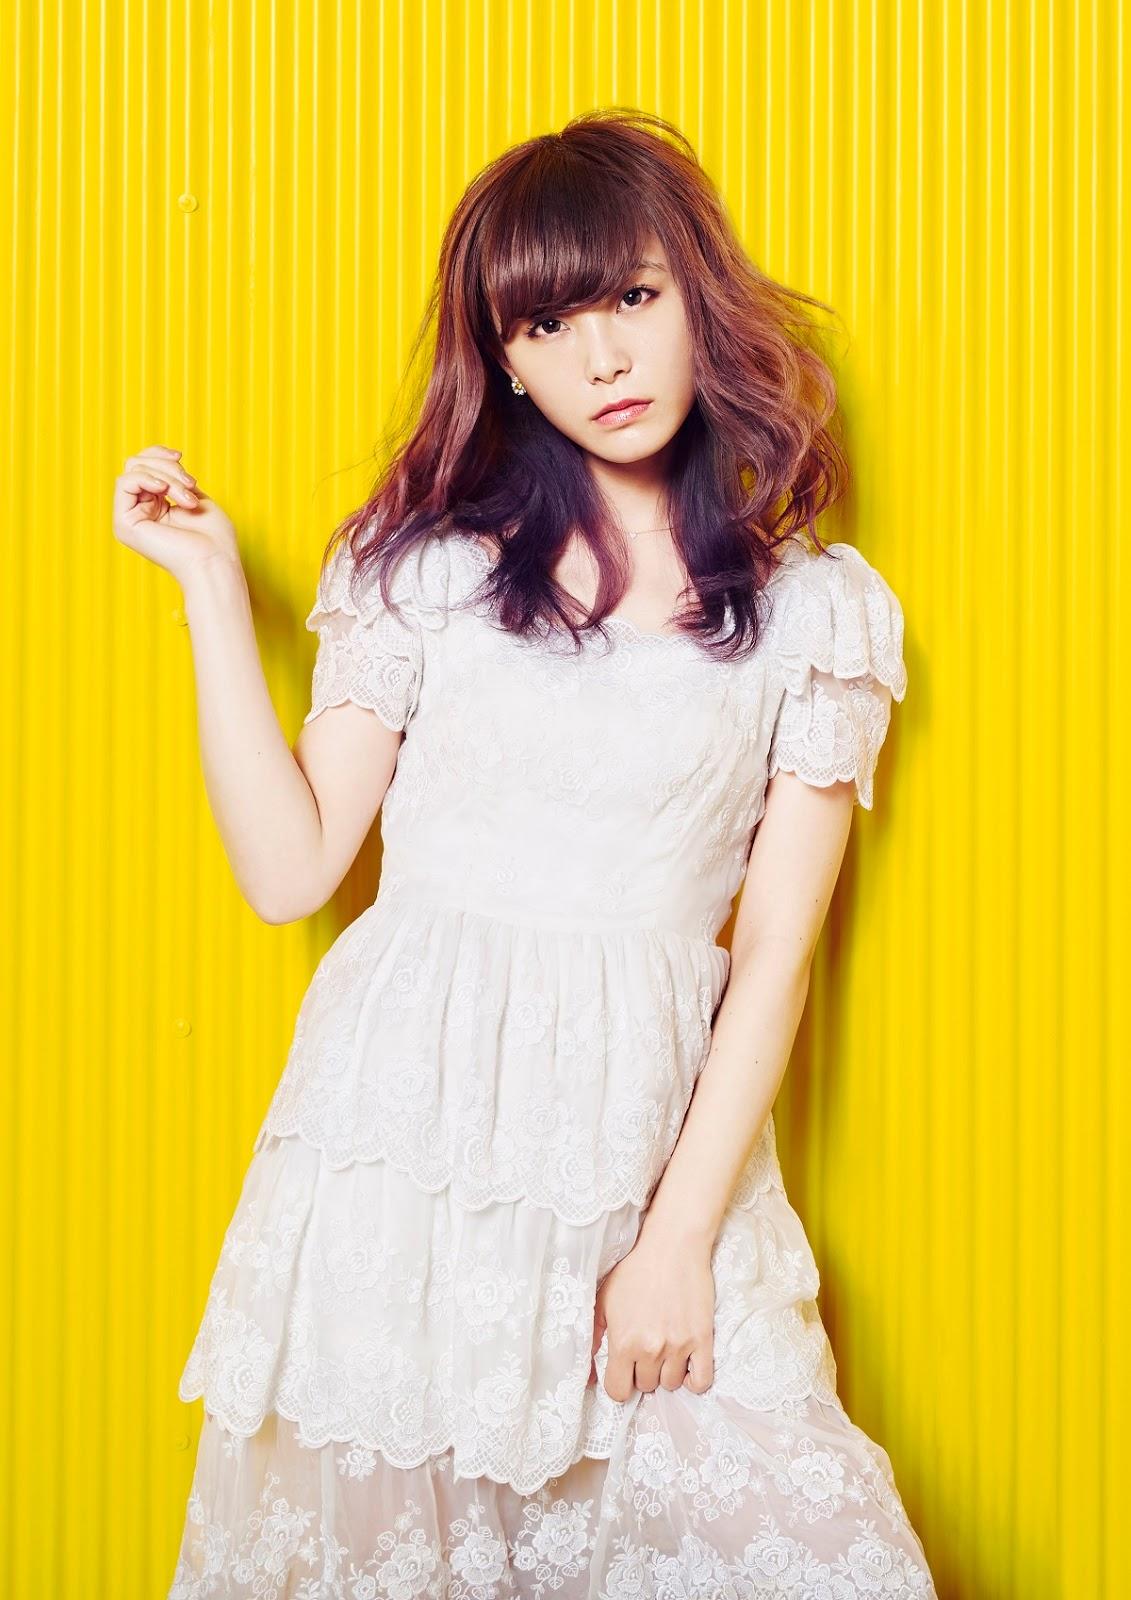 Rina Suzuki SCANDAL YELLOW ALBUM